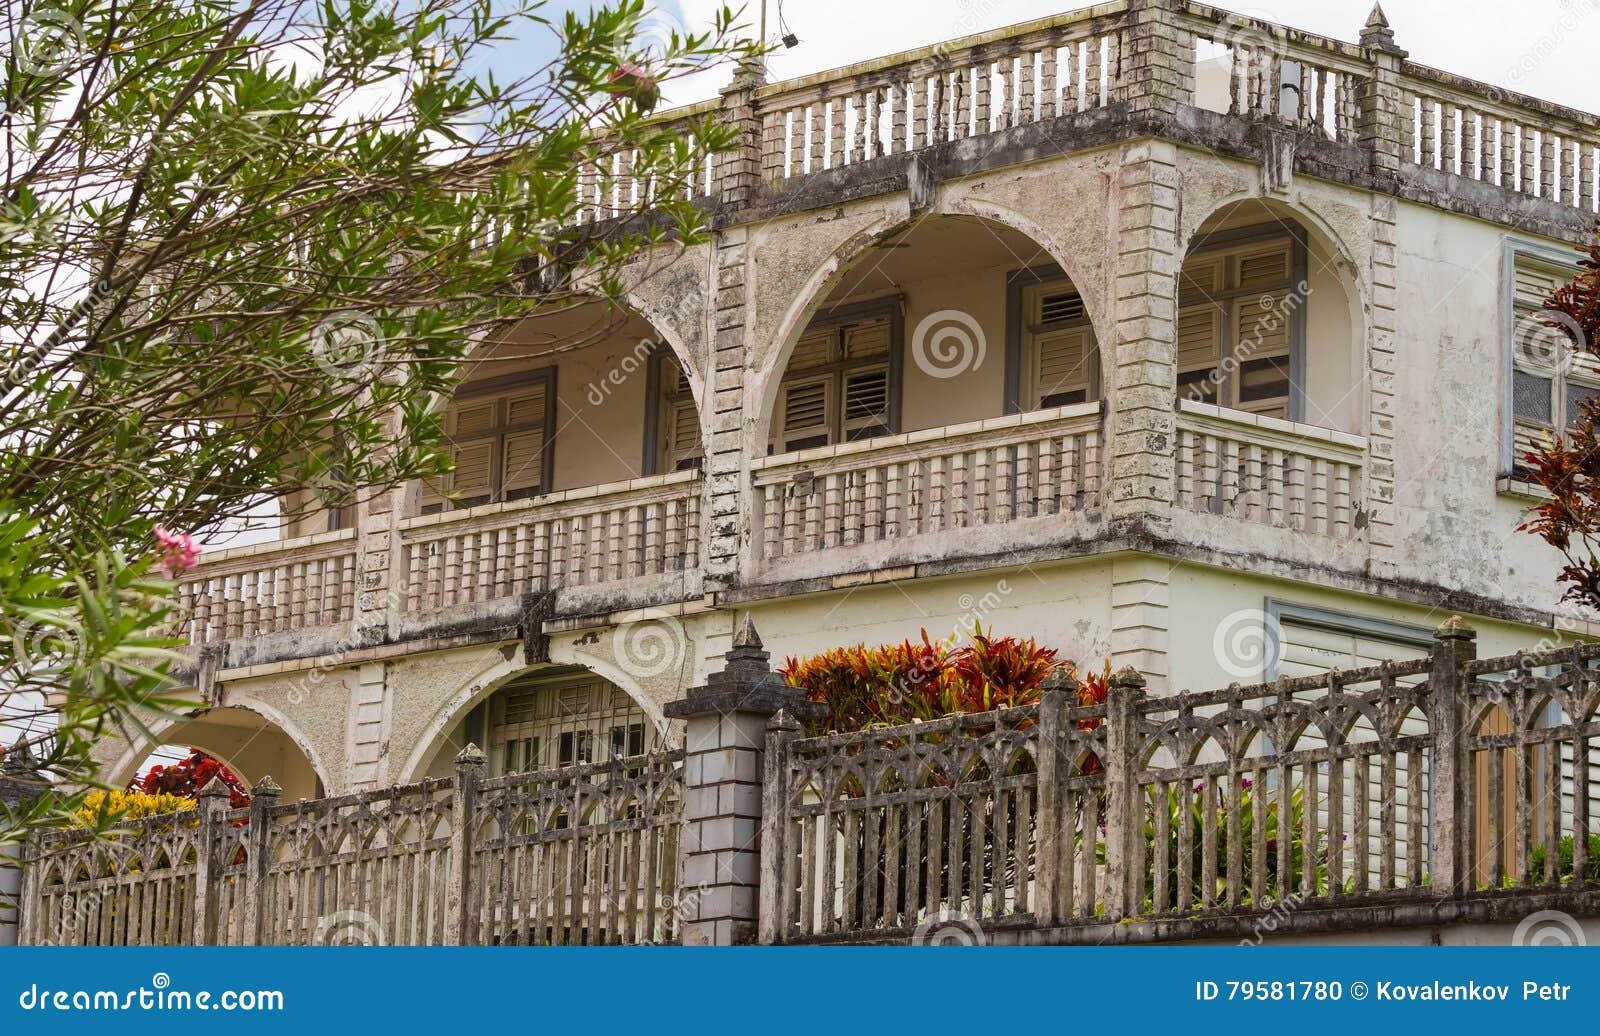 Le Batiment Colonial Des Caraibes De Style Ile De La Martinique